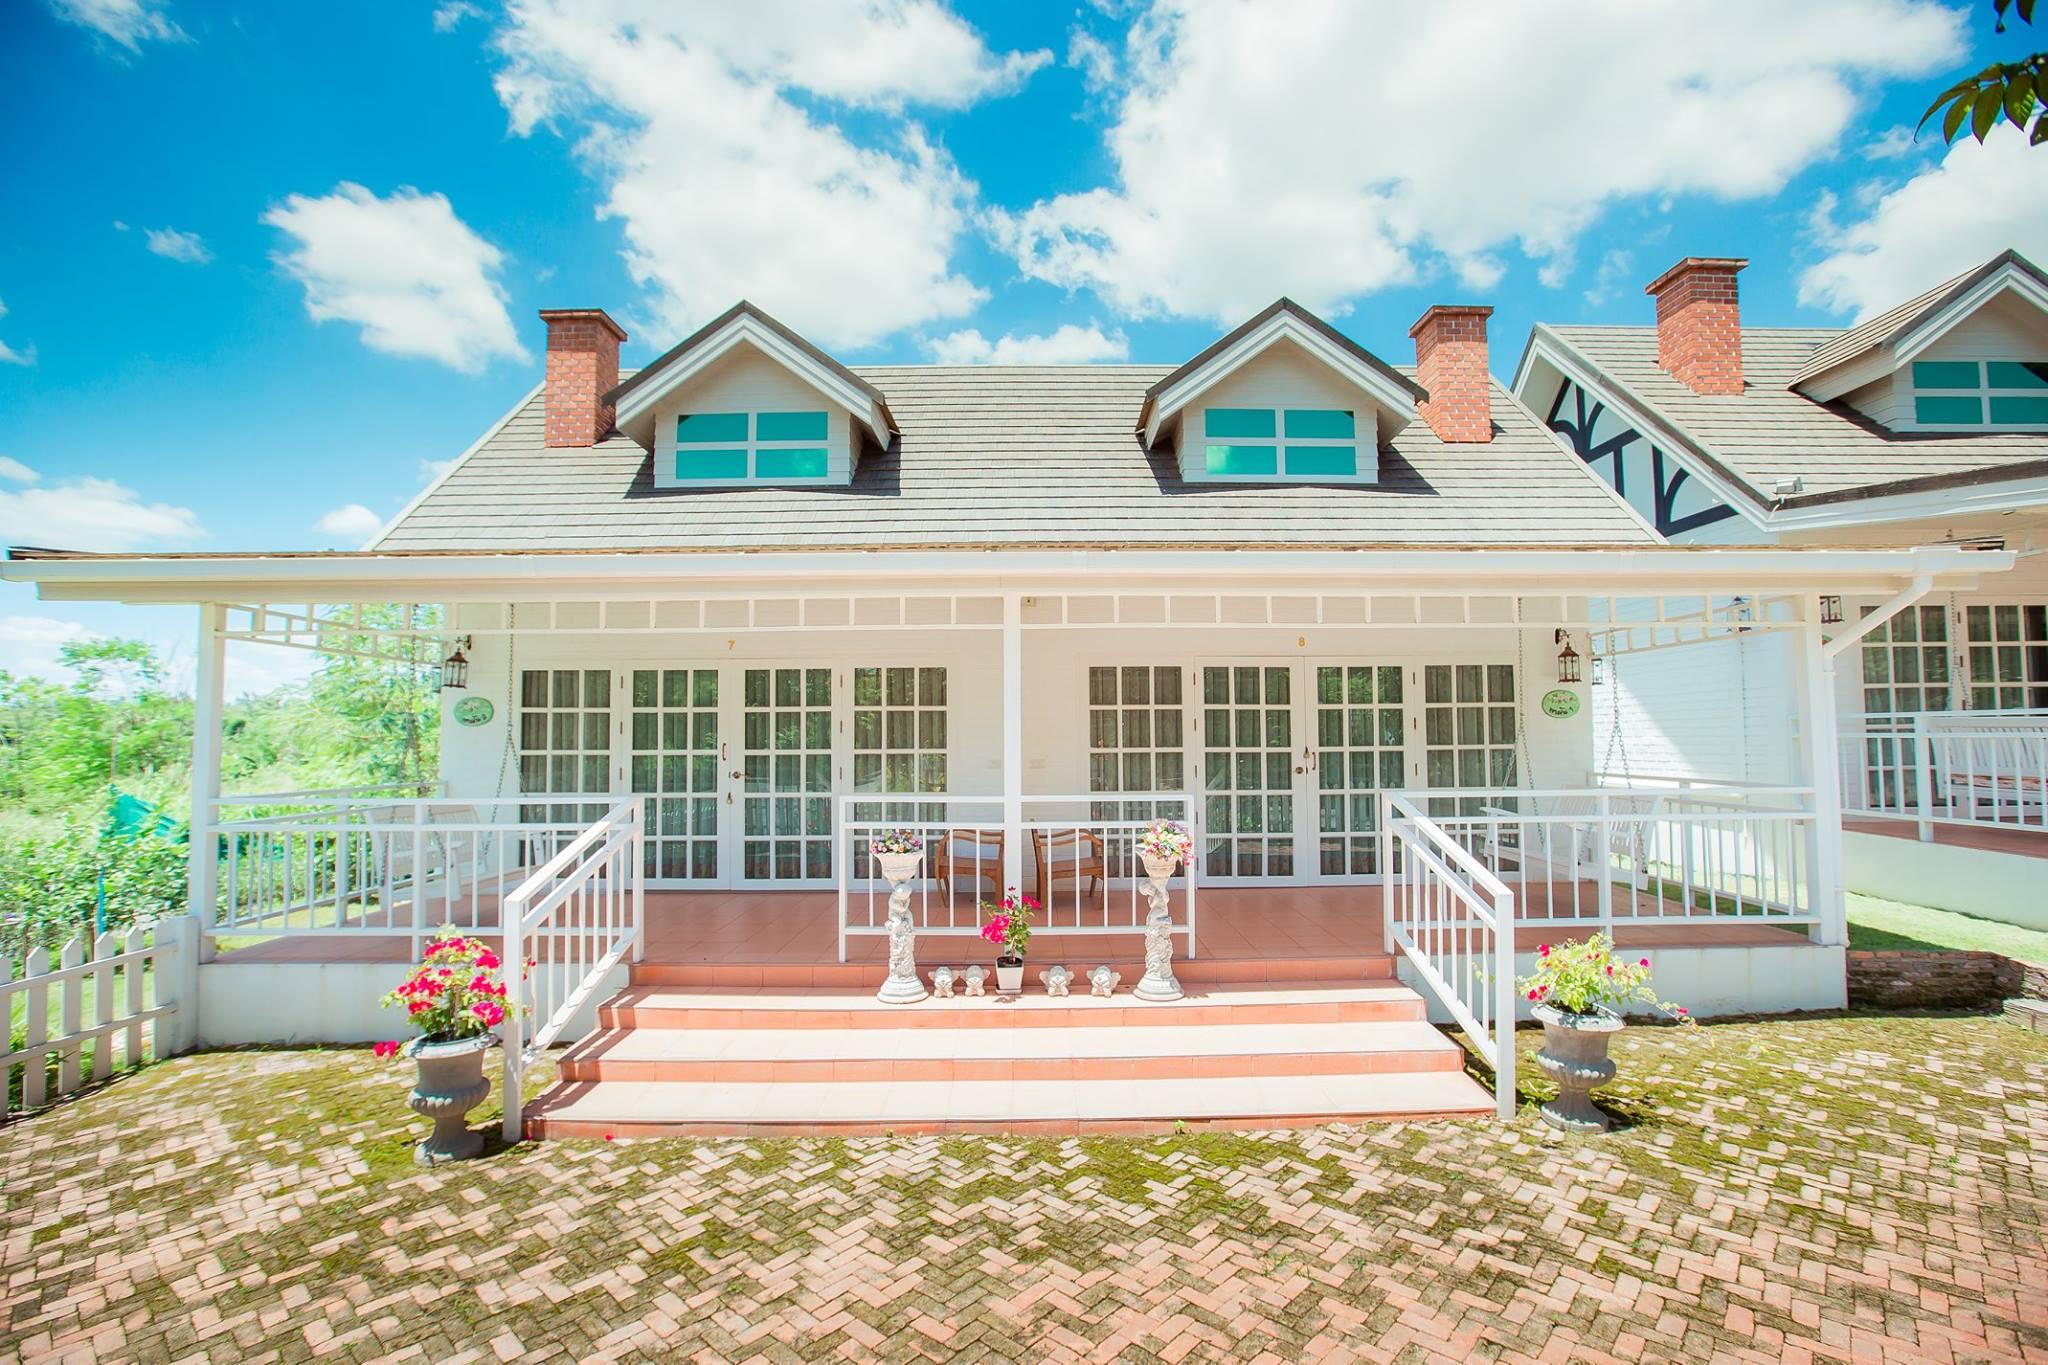 ดรีม คอทเทจ บูทีค รีสอร์ท เขาใหญ่ (Dream cottage boutique resort)